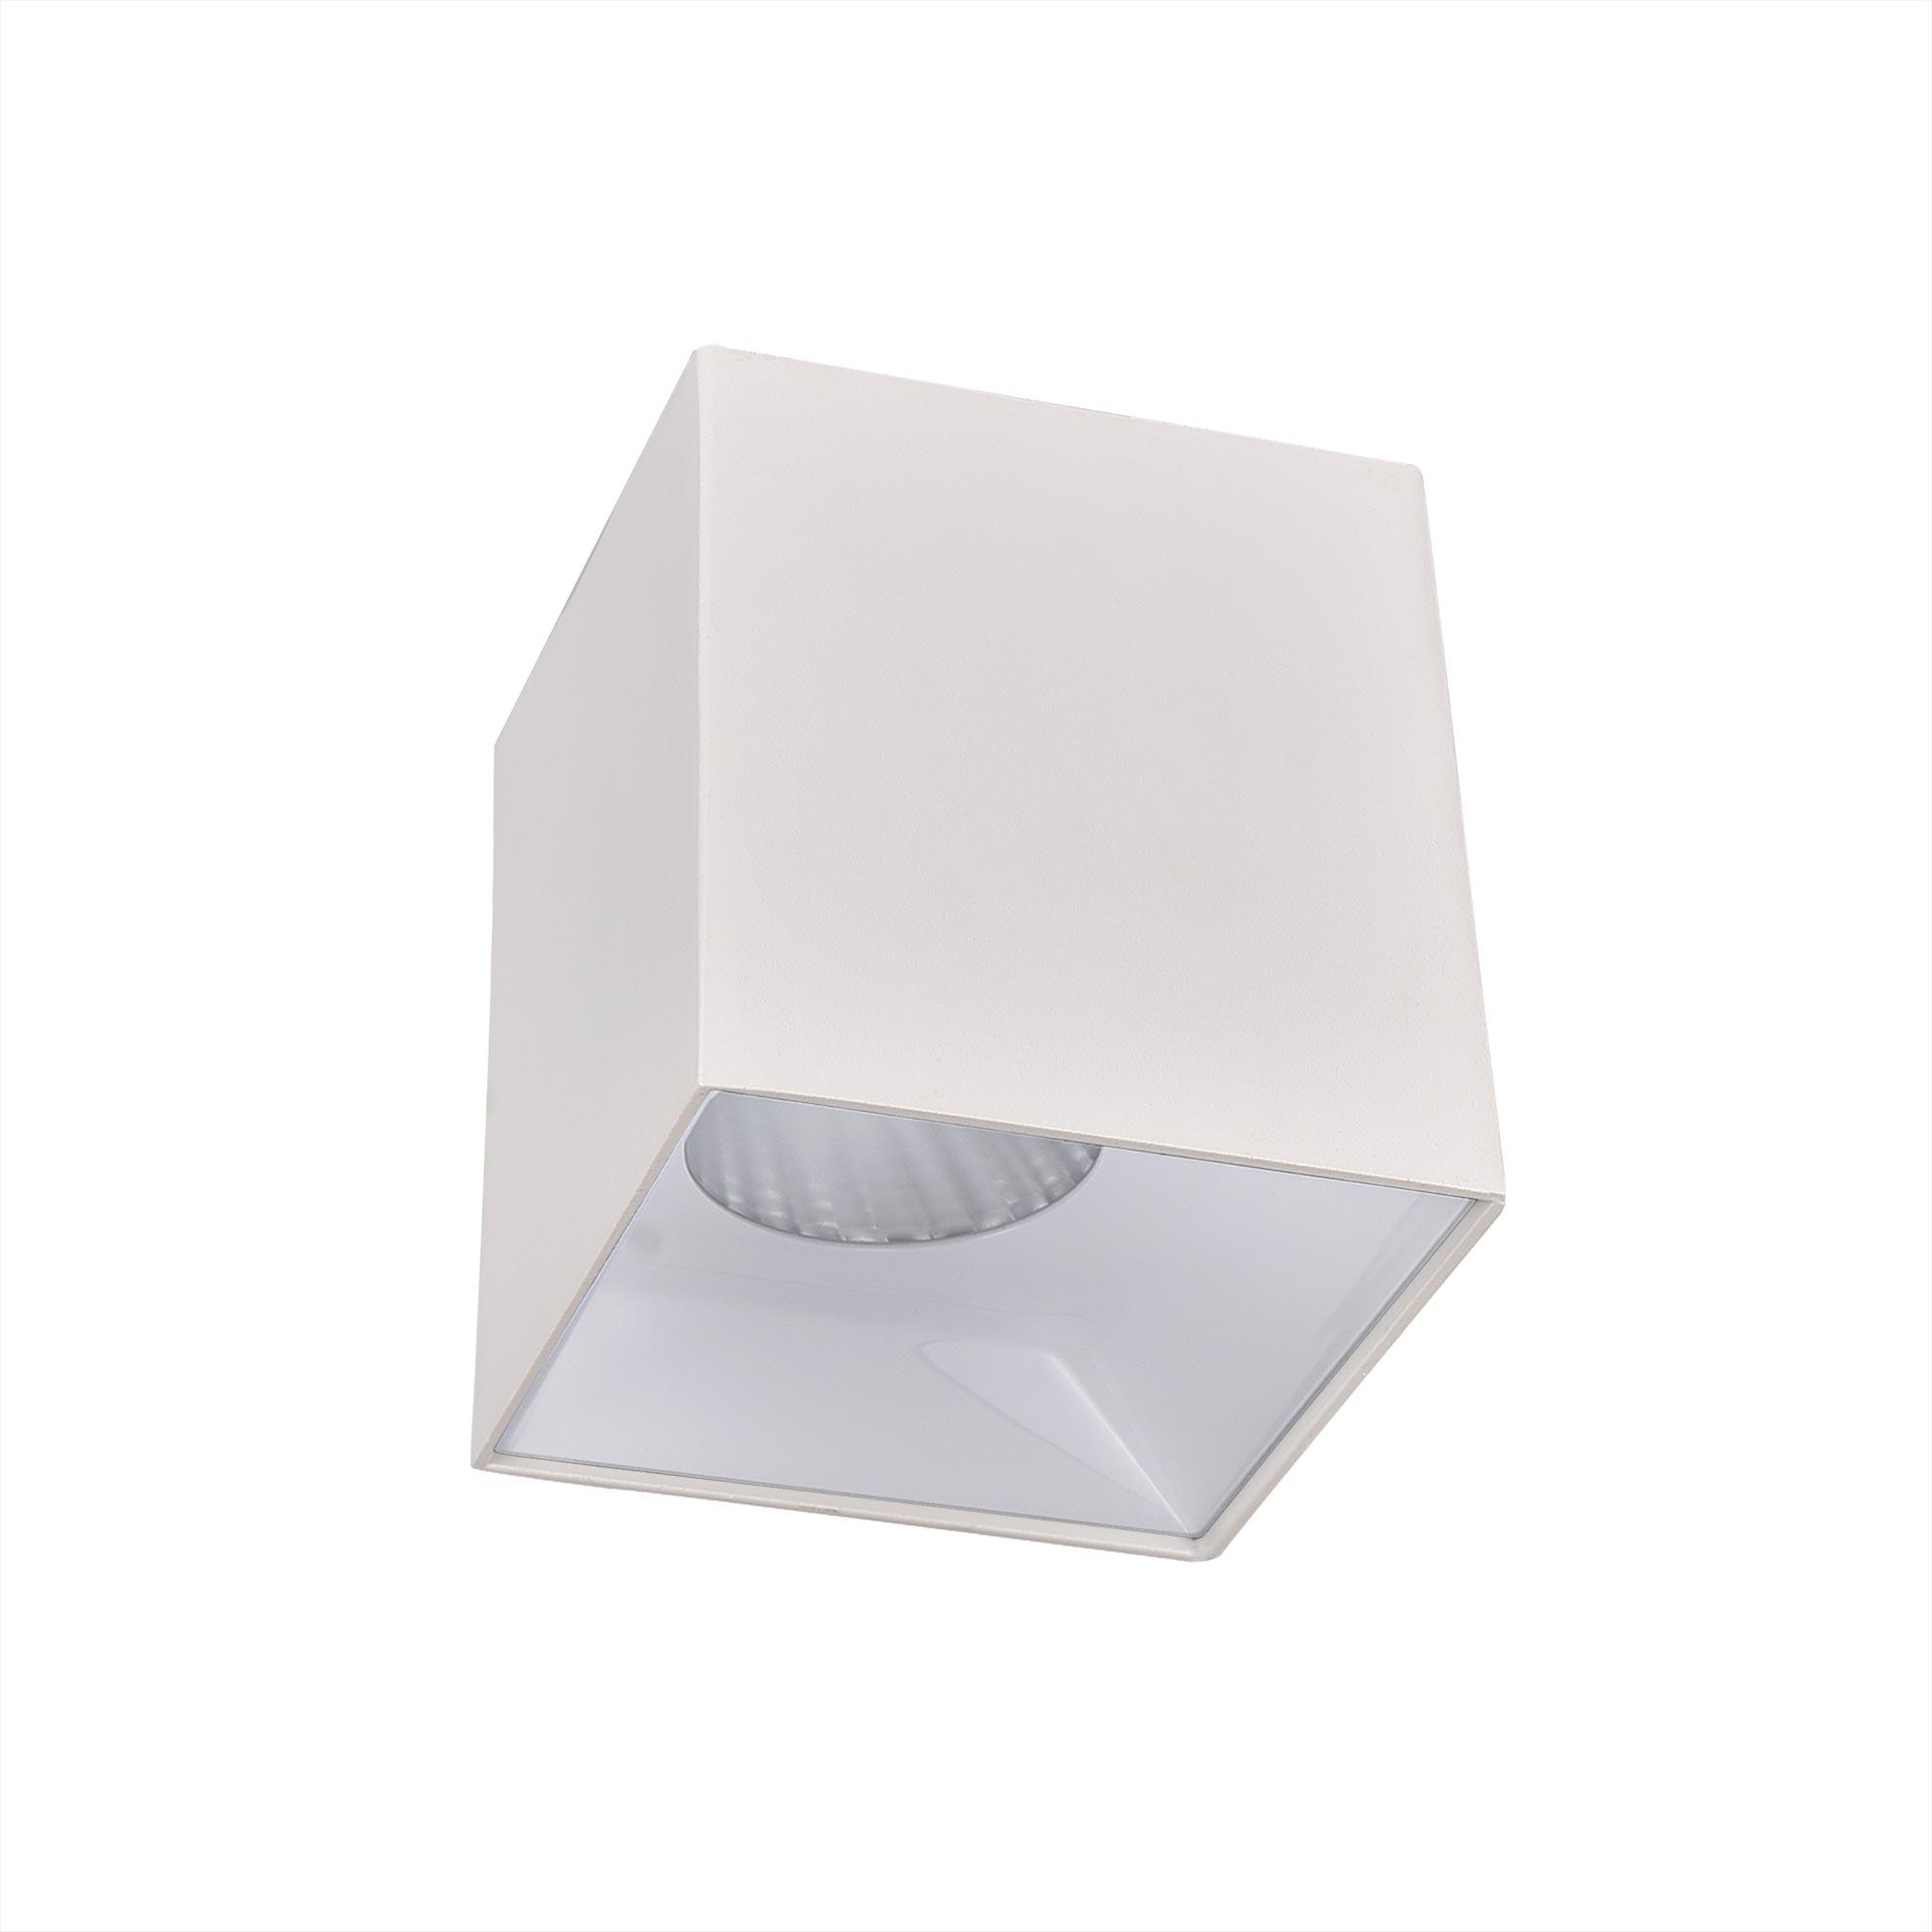 Настенно-потолочный светодиодный светильник Citilux cl7440200 старк 12wх3500k настенно потолочный светодиодный светильник citilux cl7440101 старк 12wх3500k